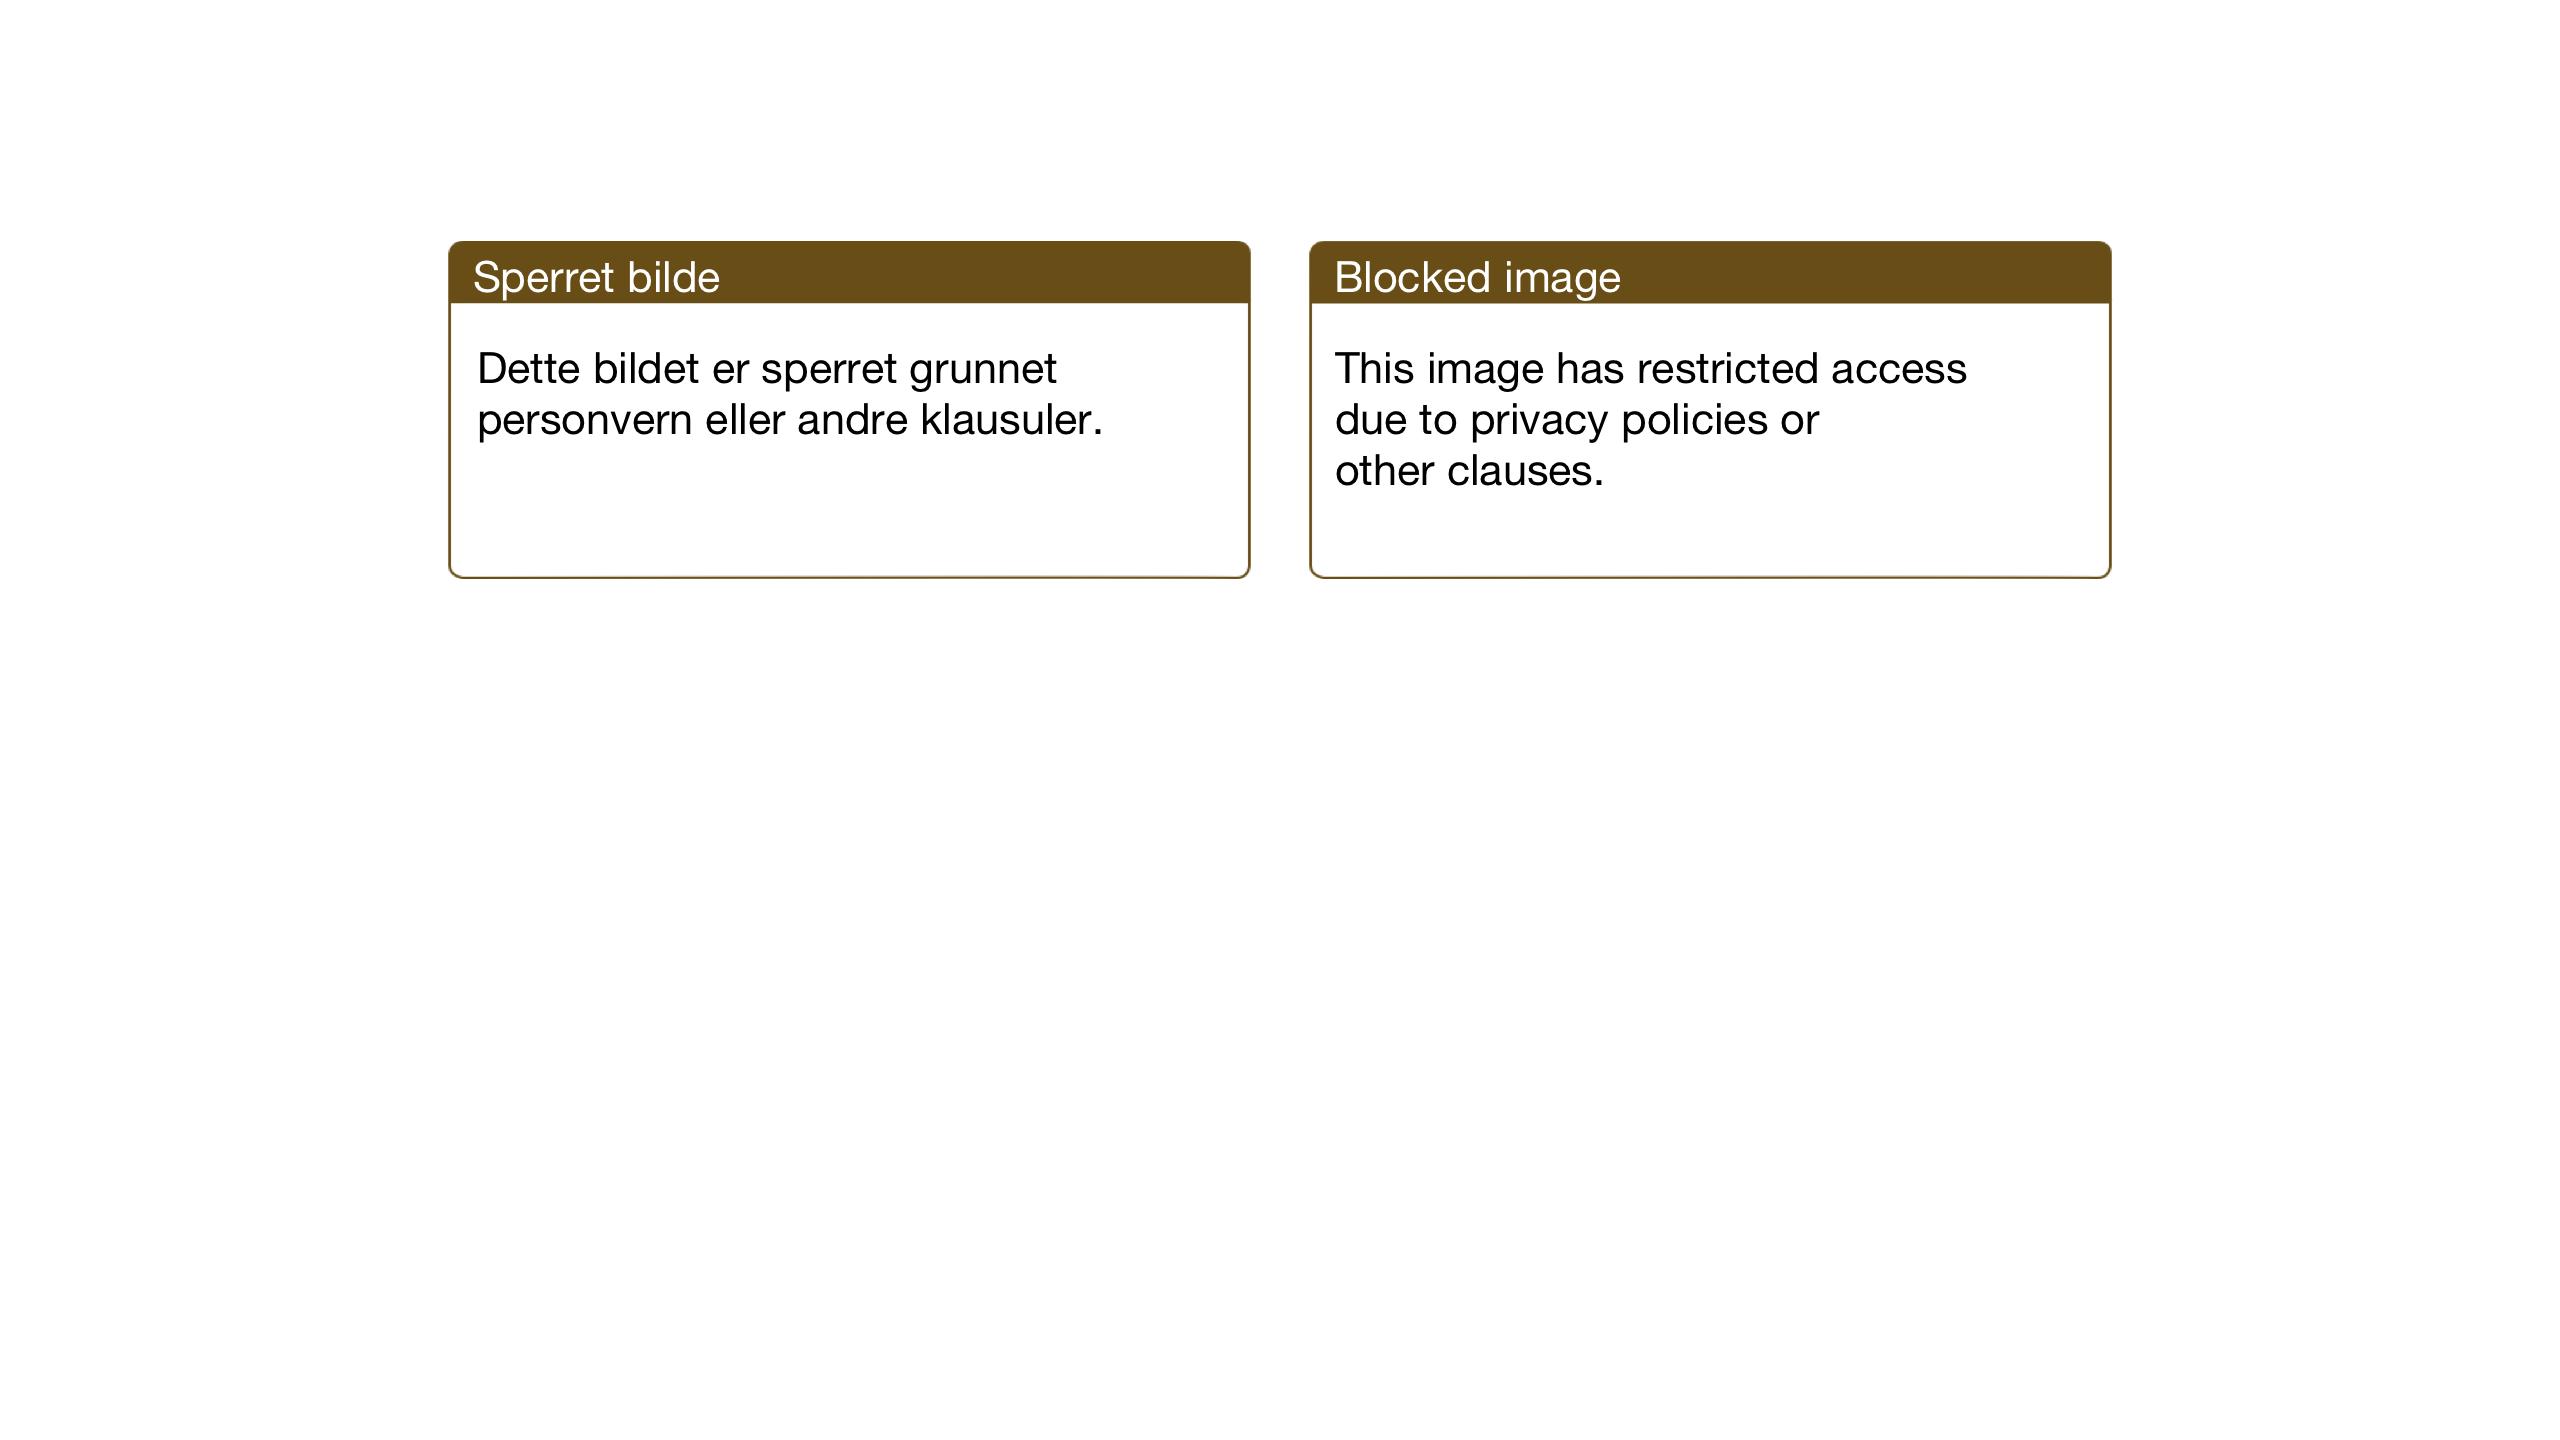 SAT, Ministerialprotokoller, klokkerbøker og fødselsregistre - Sør-Trøndelag, 606/L0315: Klokkerbok nr. 606C11, 1938-1947, s. 32